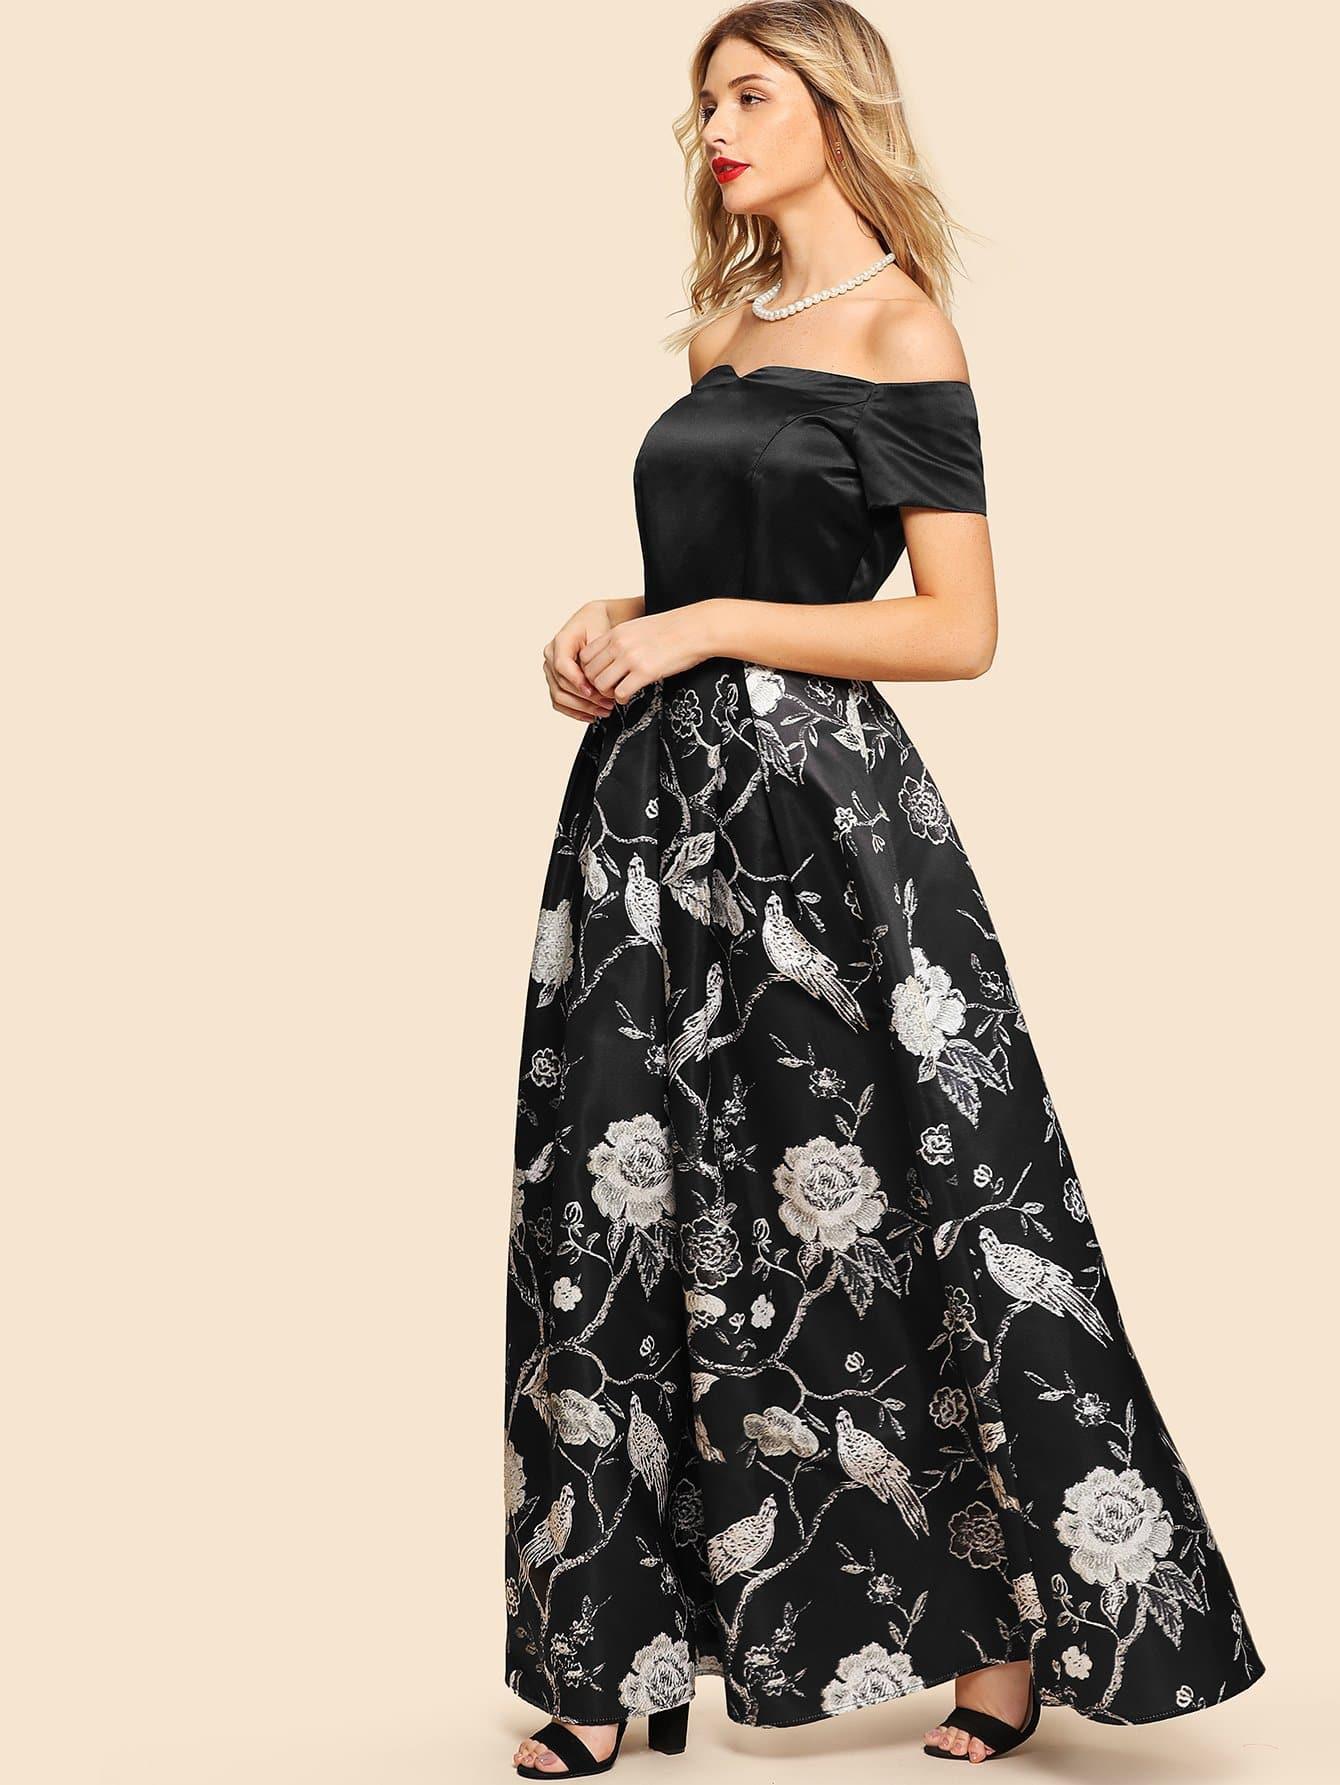 Schulterfreies Kleid Mit Blumenmuster  Shein